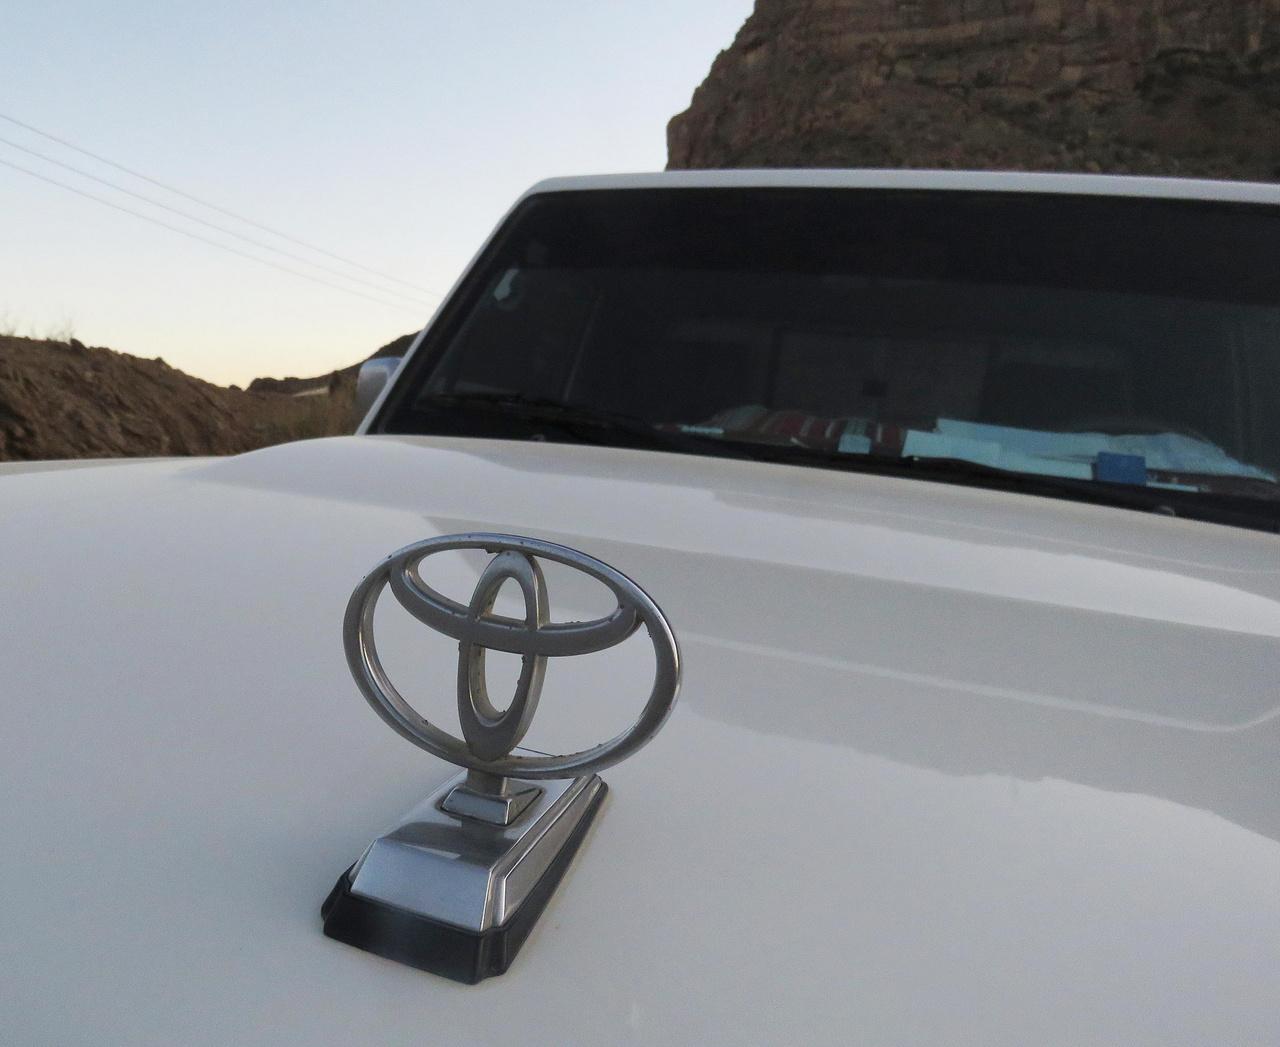 Az orrdísz nem a Mercedesek kiváltsága: Ománban szinte minden márkához be lehet ilyen utólagos extrát szerezni. Aki igazán szereti az autóját, azzal is kimutatja, hogy egy ilyet felcsavaroz a motorháztetőre.